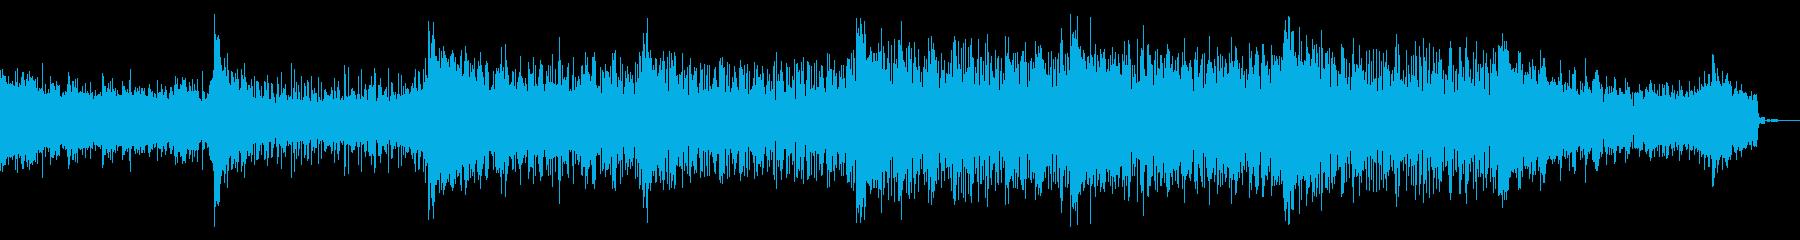 デジタルなアンビエントIDMの再生済みの波形